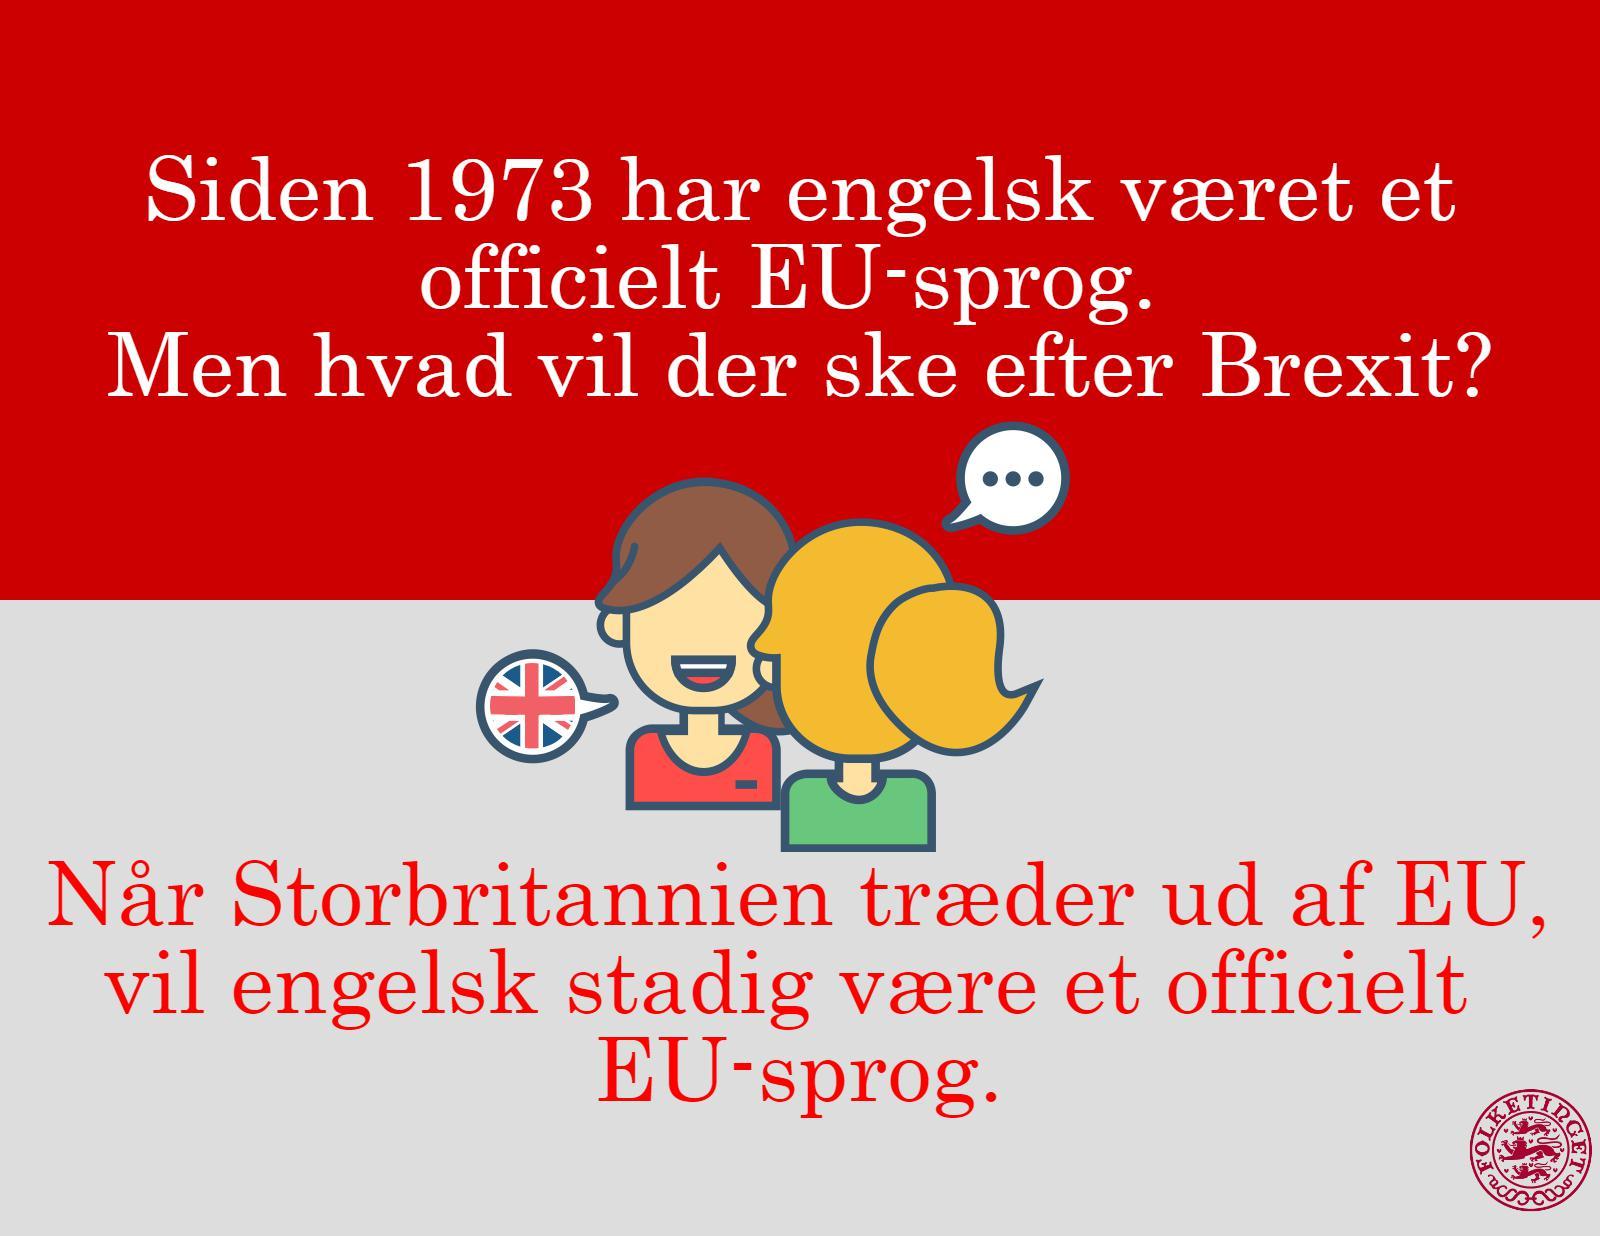 Vil engelsk være et officielt EU sprog efter Brexit?